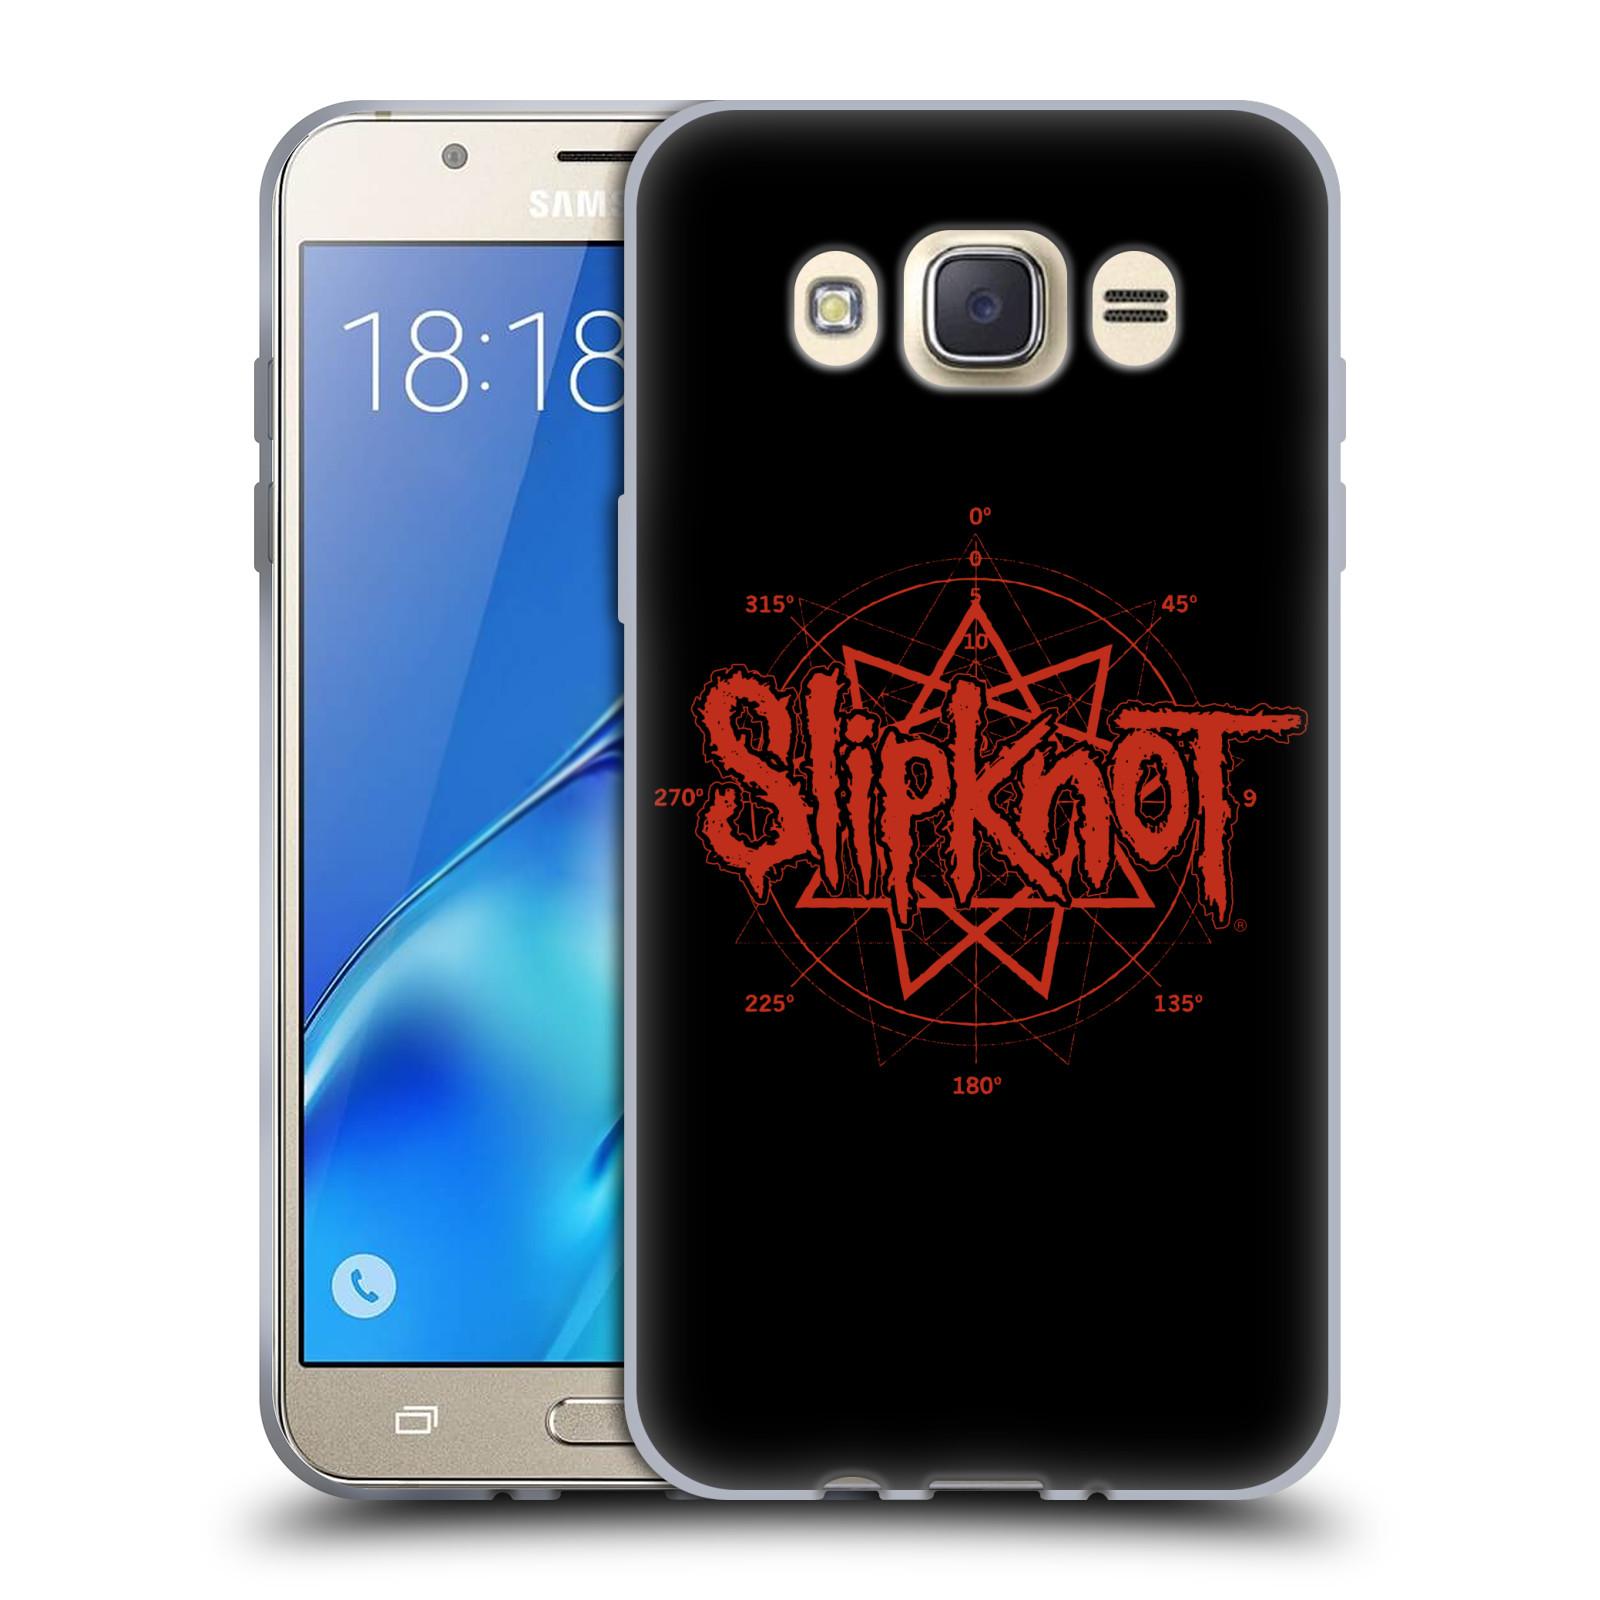 HEAD CASE silikonový obal na mobil Samsung Galaxy J7 2016 hudební skupina Slipknot logo